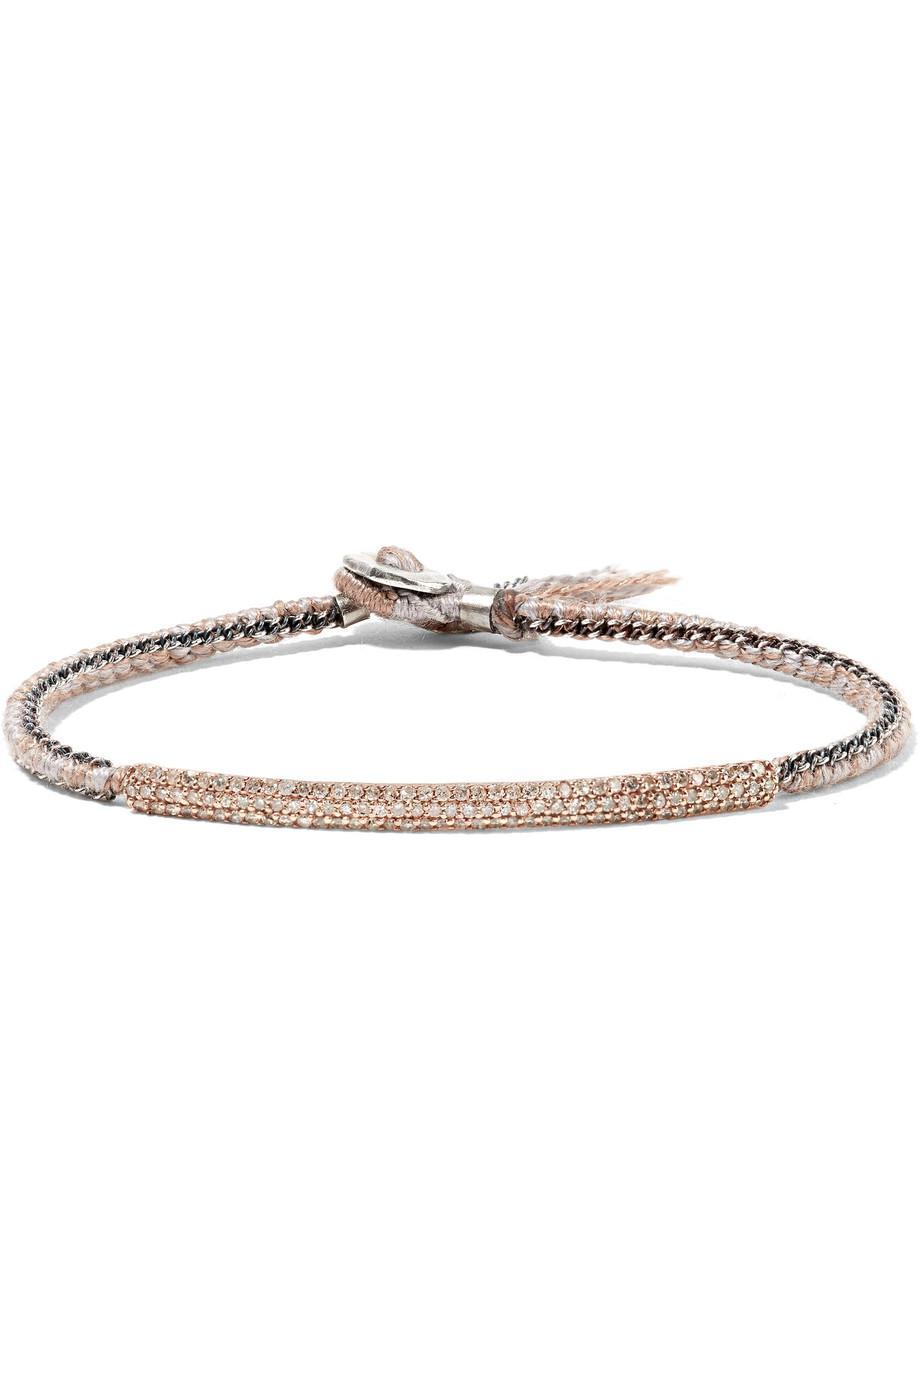 Brooke Gregson 14-karat Rose Gold, Sterling Silver And Diamond Bracelet